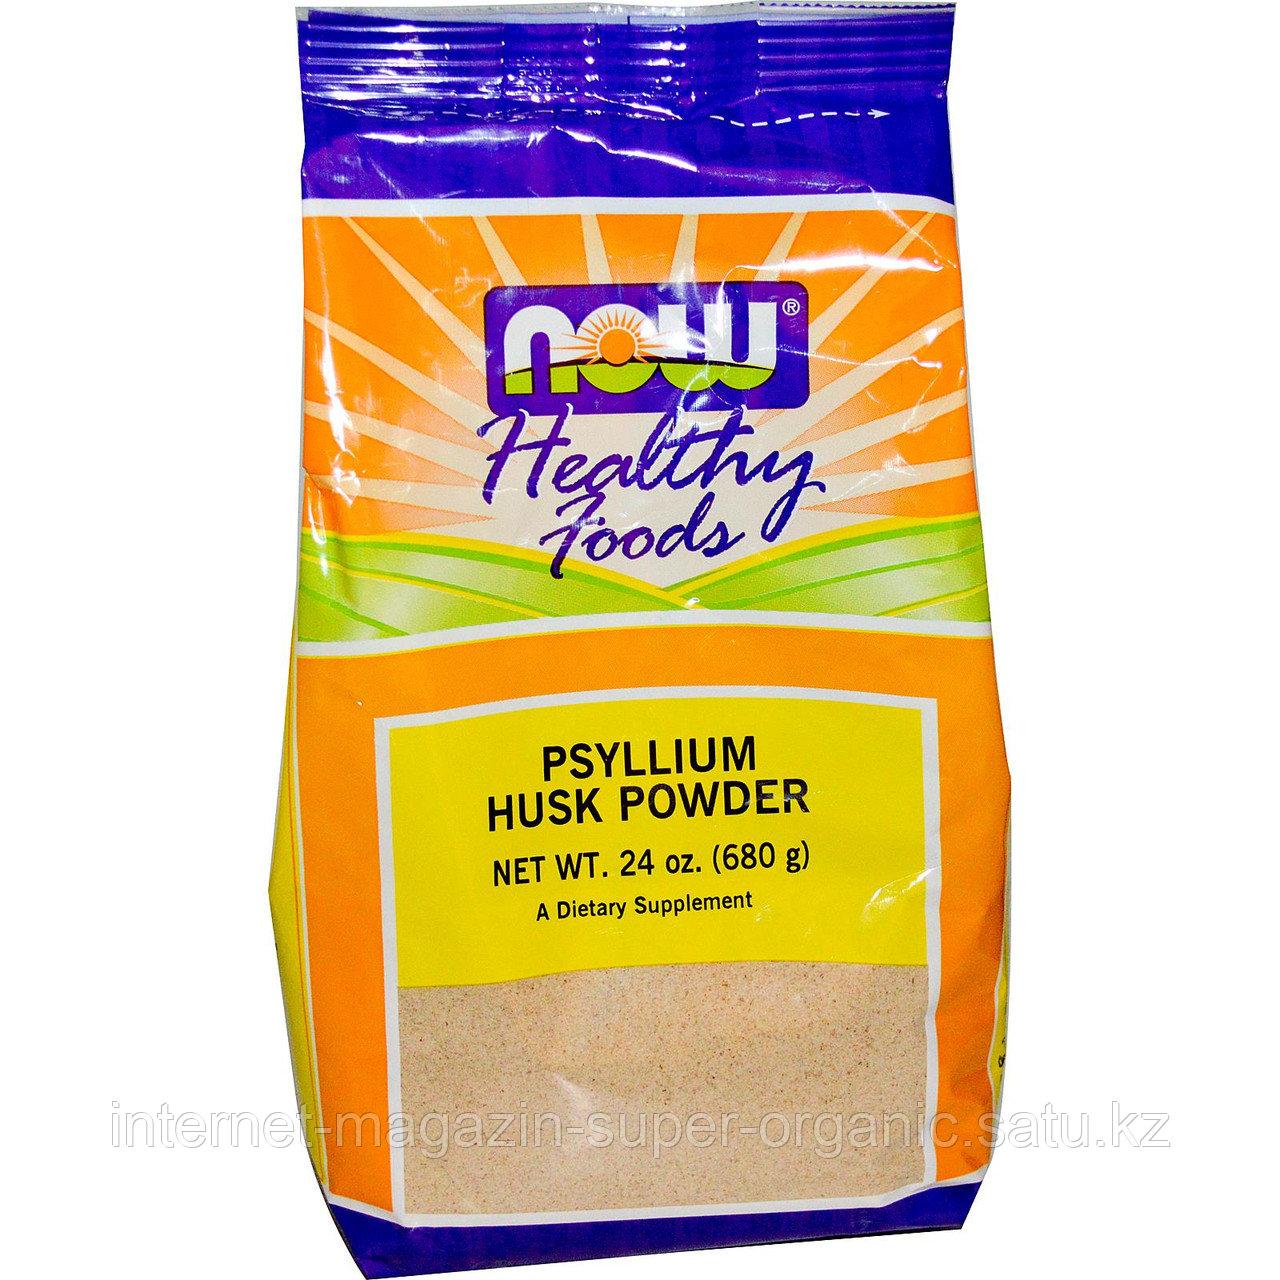 Порошок шелухи подорожника - псилиум хаск, 680 г, Psyllium husk powder